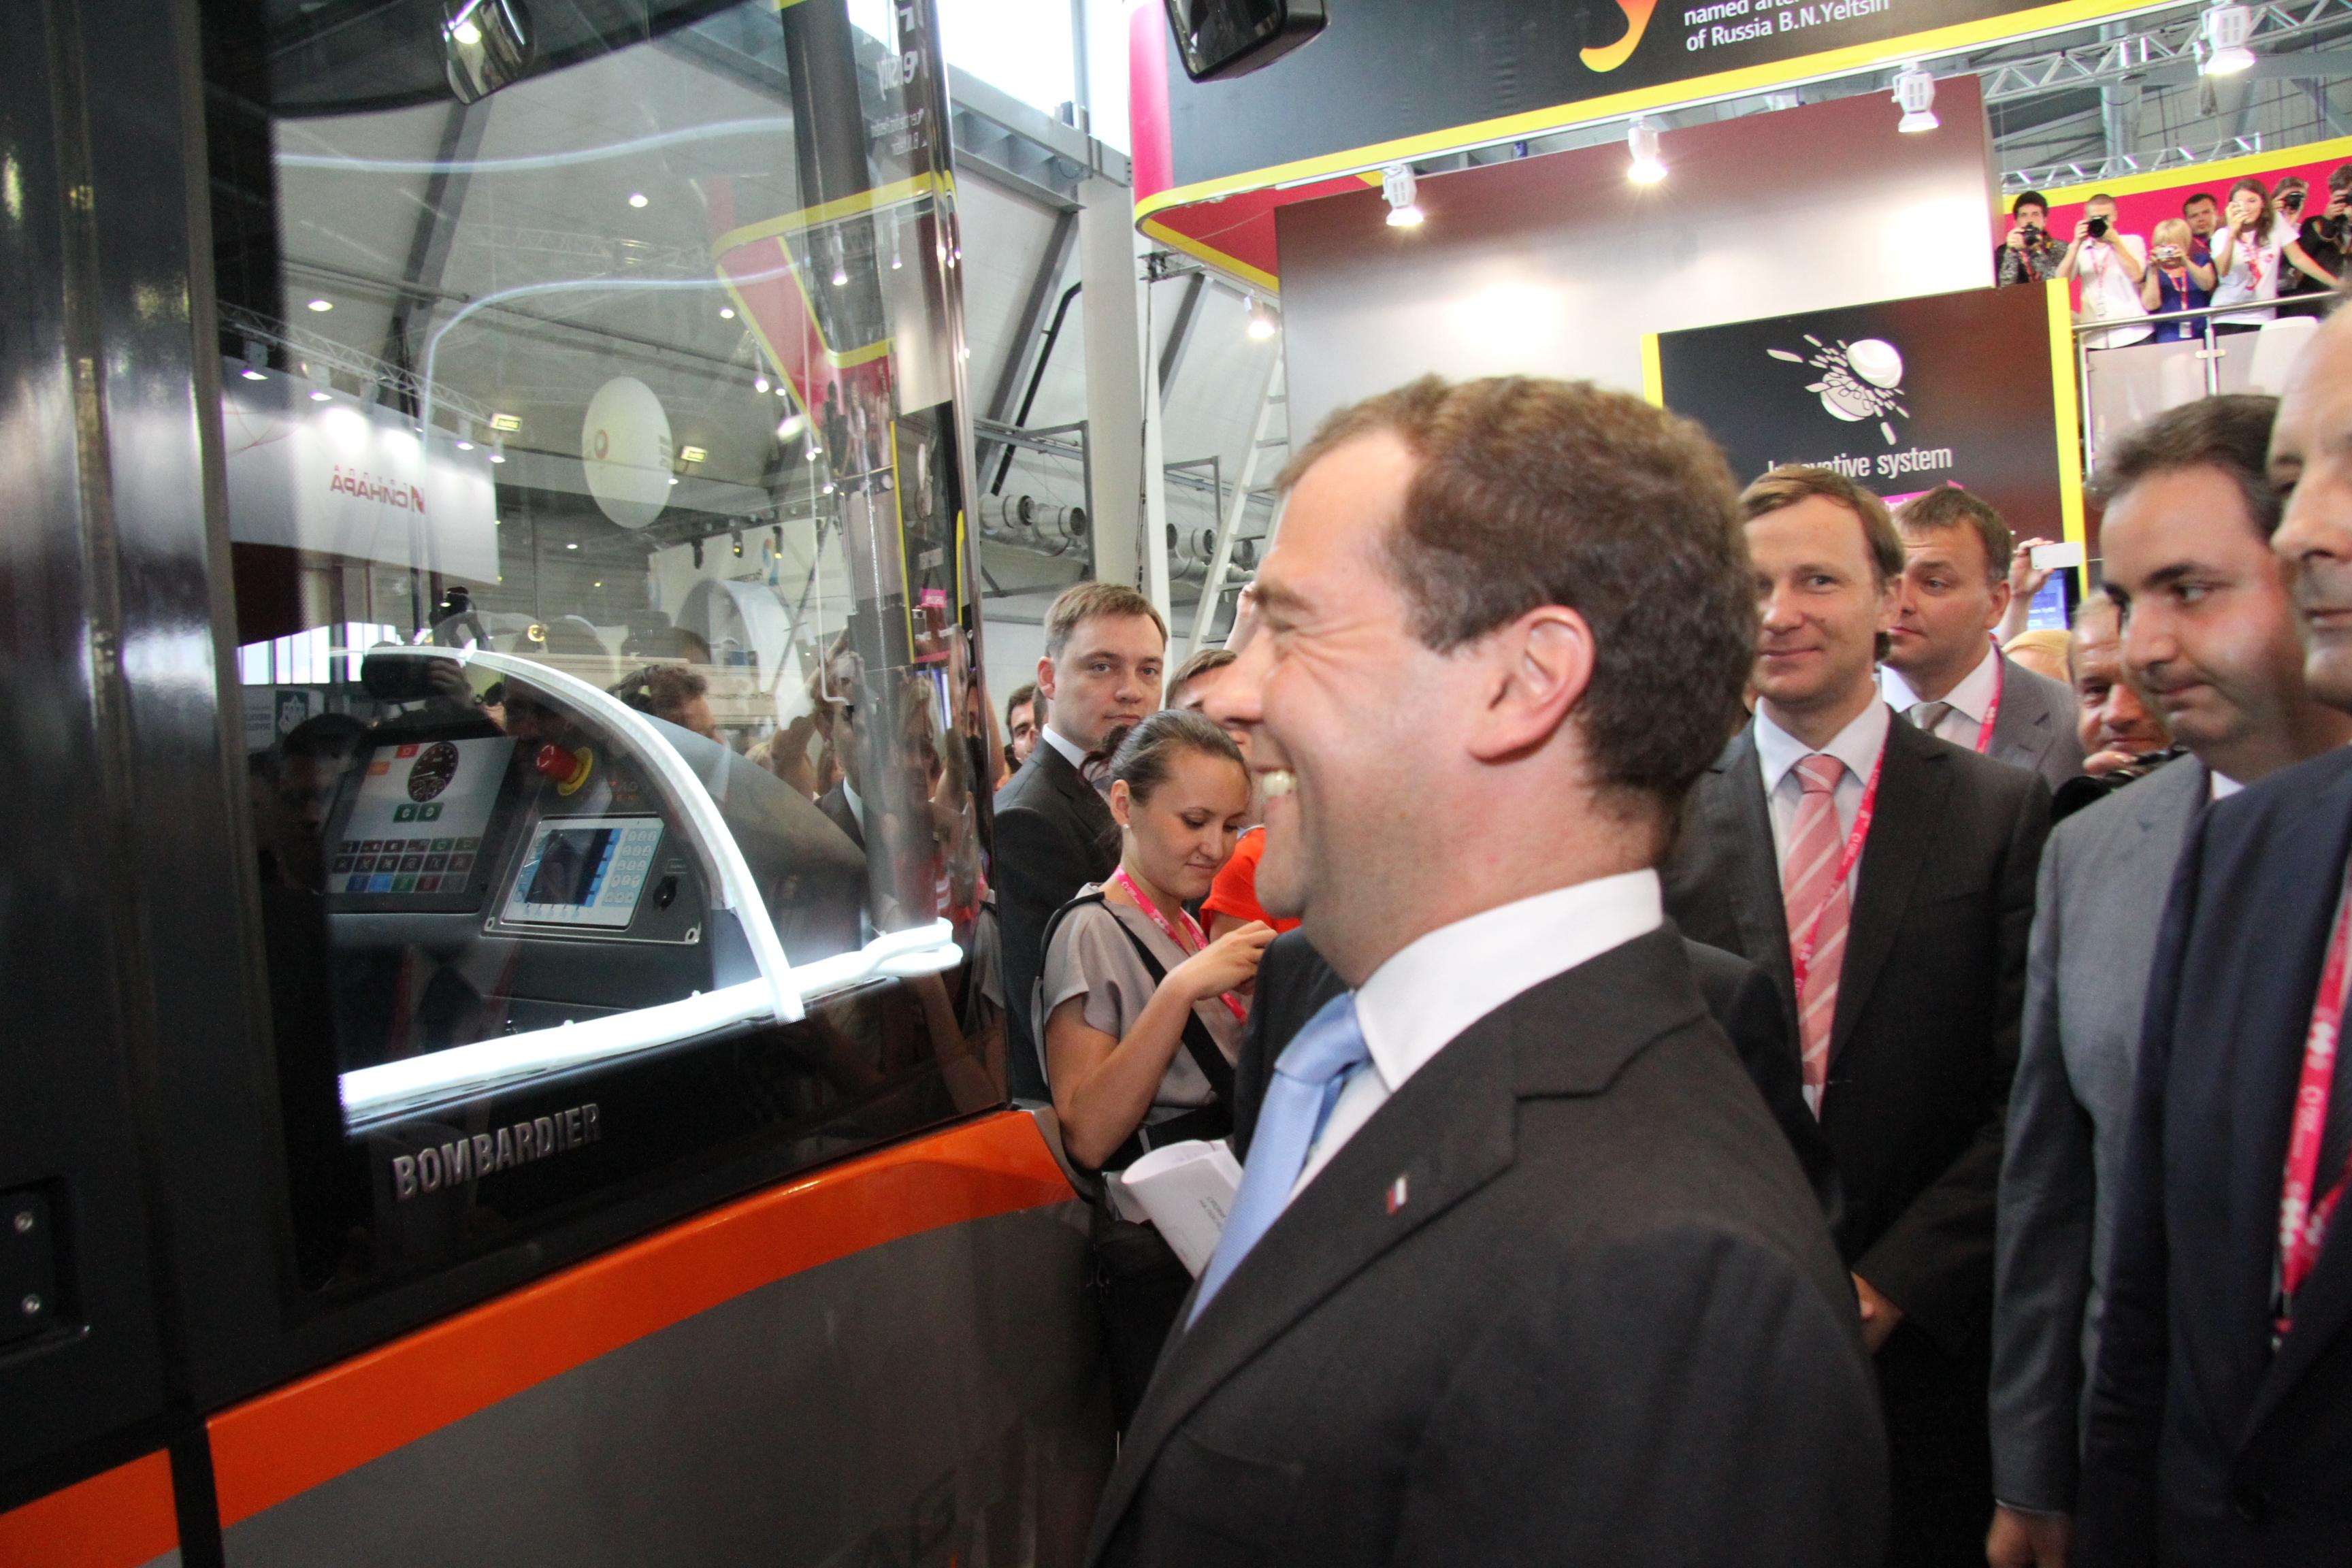 Дмитрий Медведев пообещал дать денег на екатеринбургское метро